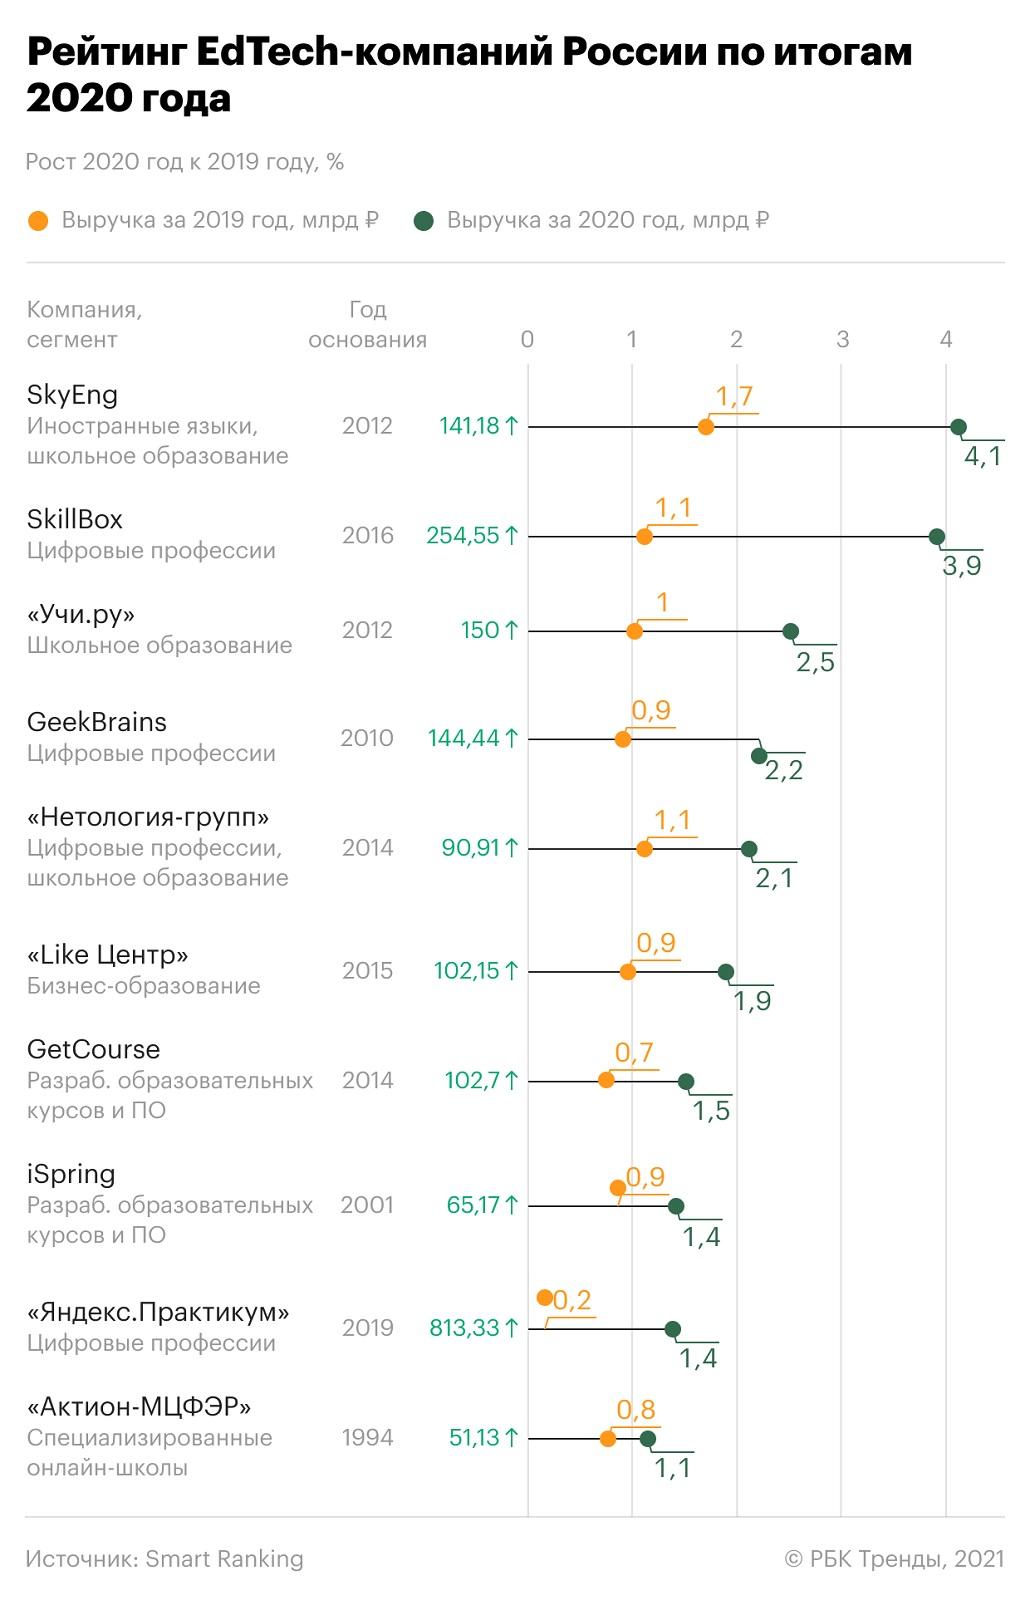 Рейтинг EdTech-компаний России по итогам 2020 года